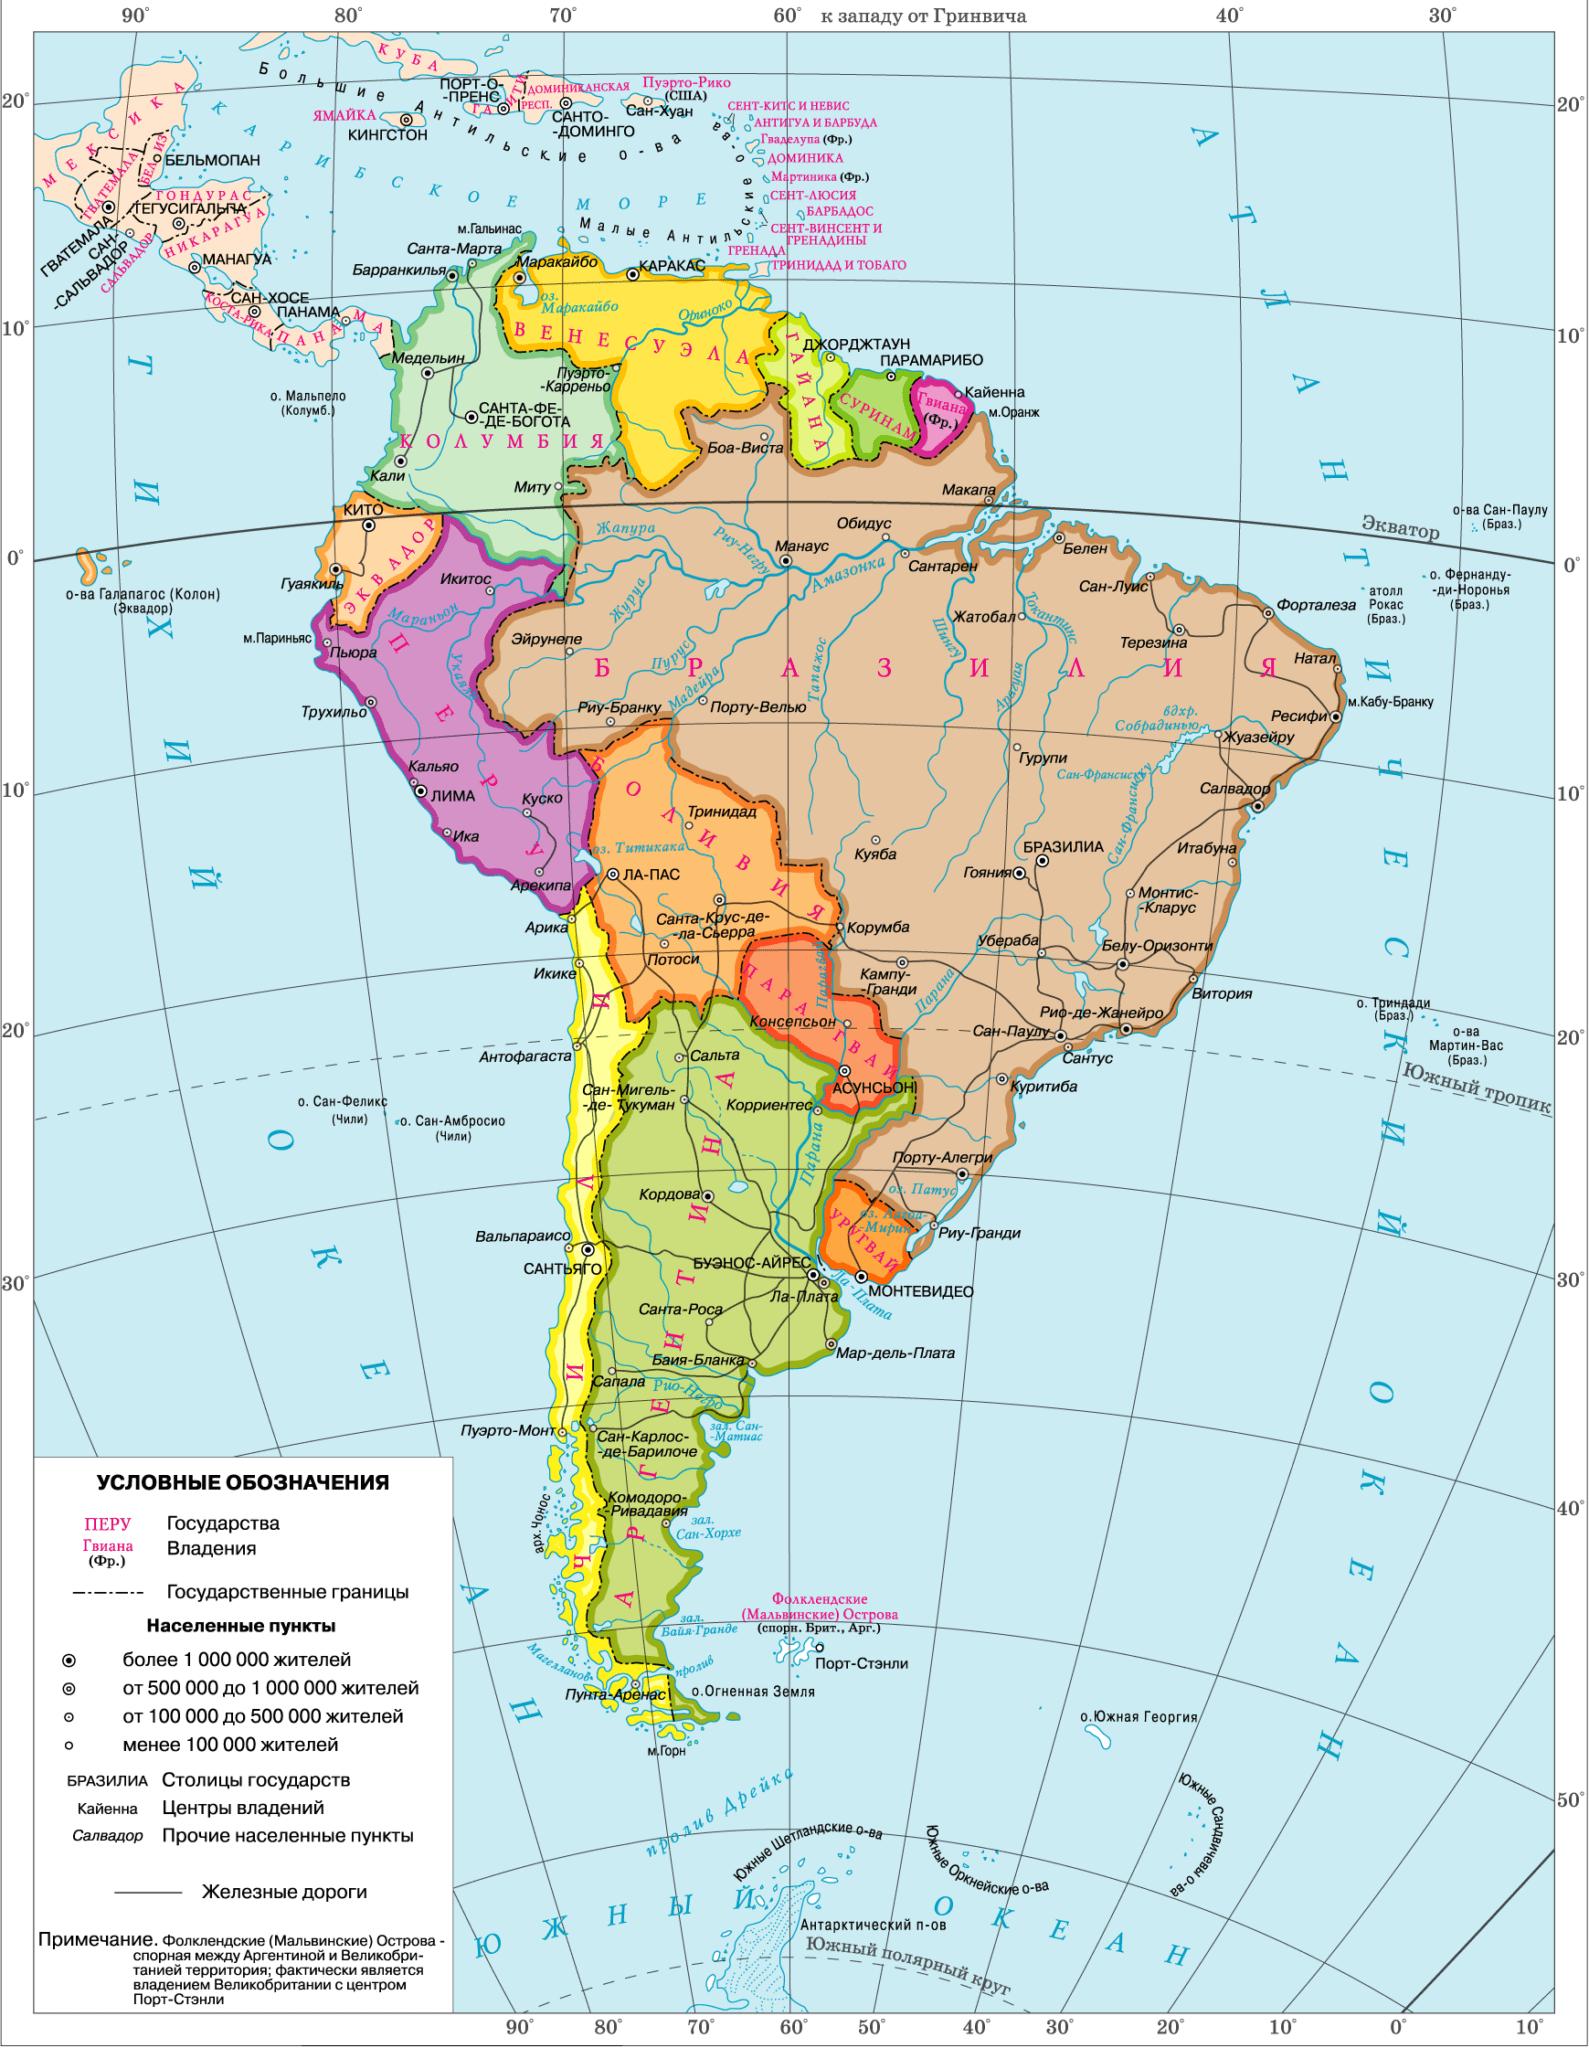 Географические карты Южной Америки крупным планом на русском языке: физическая, политическая и контурная 3